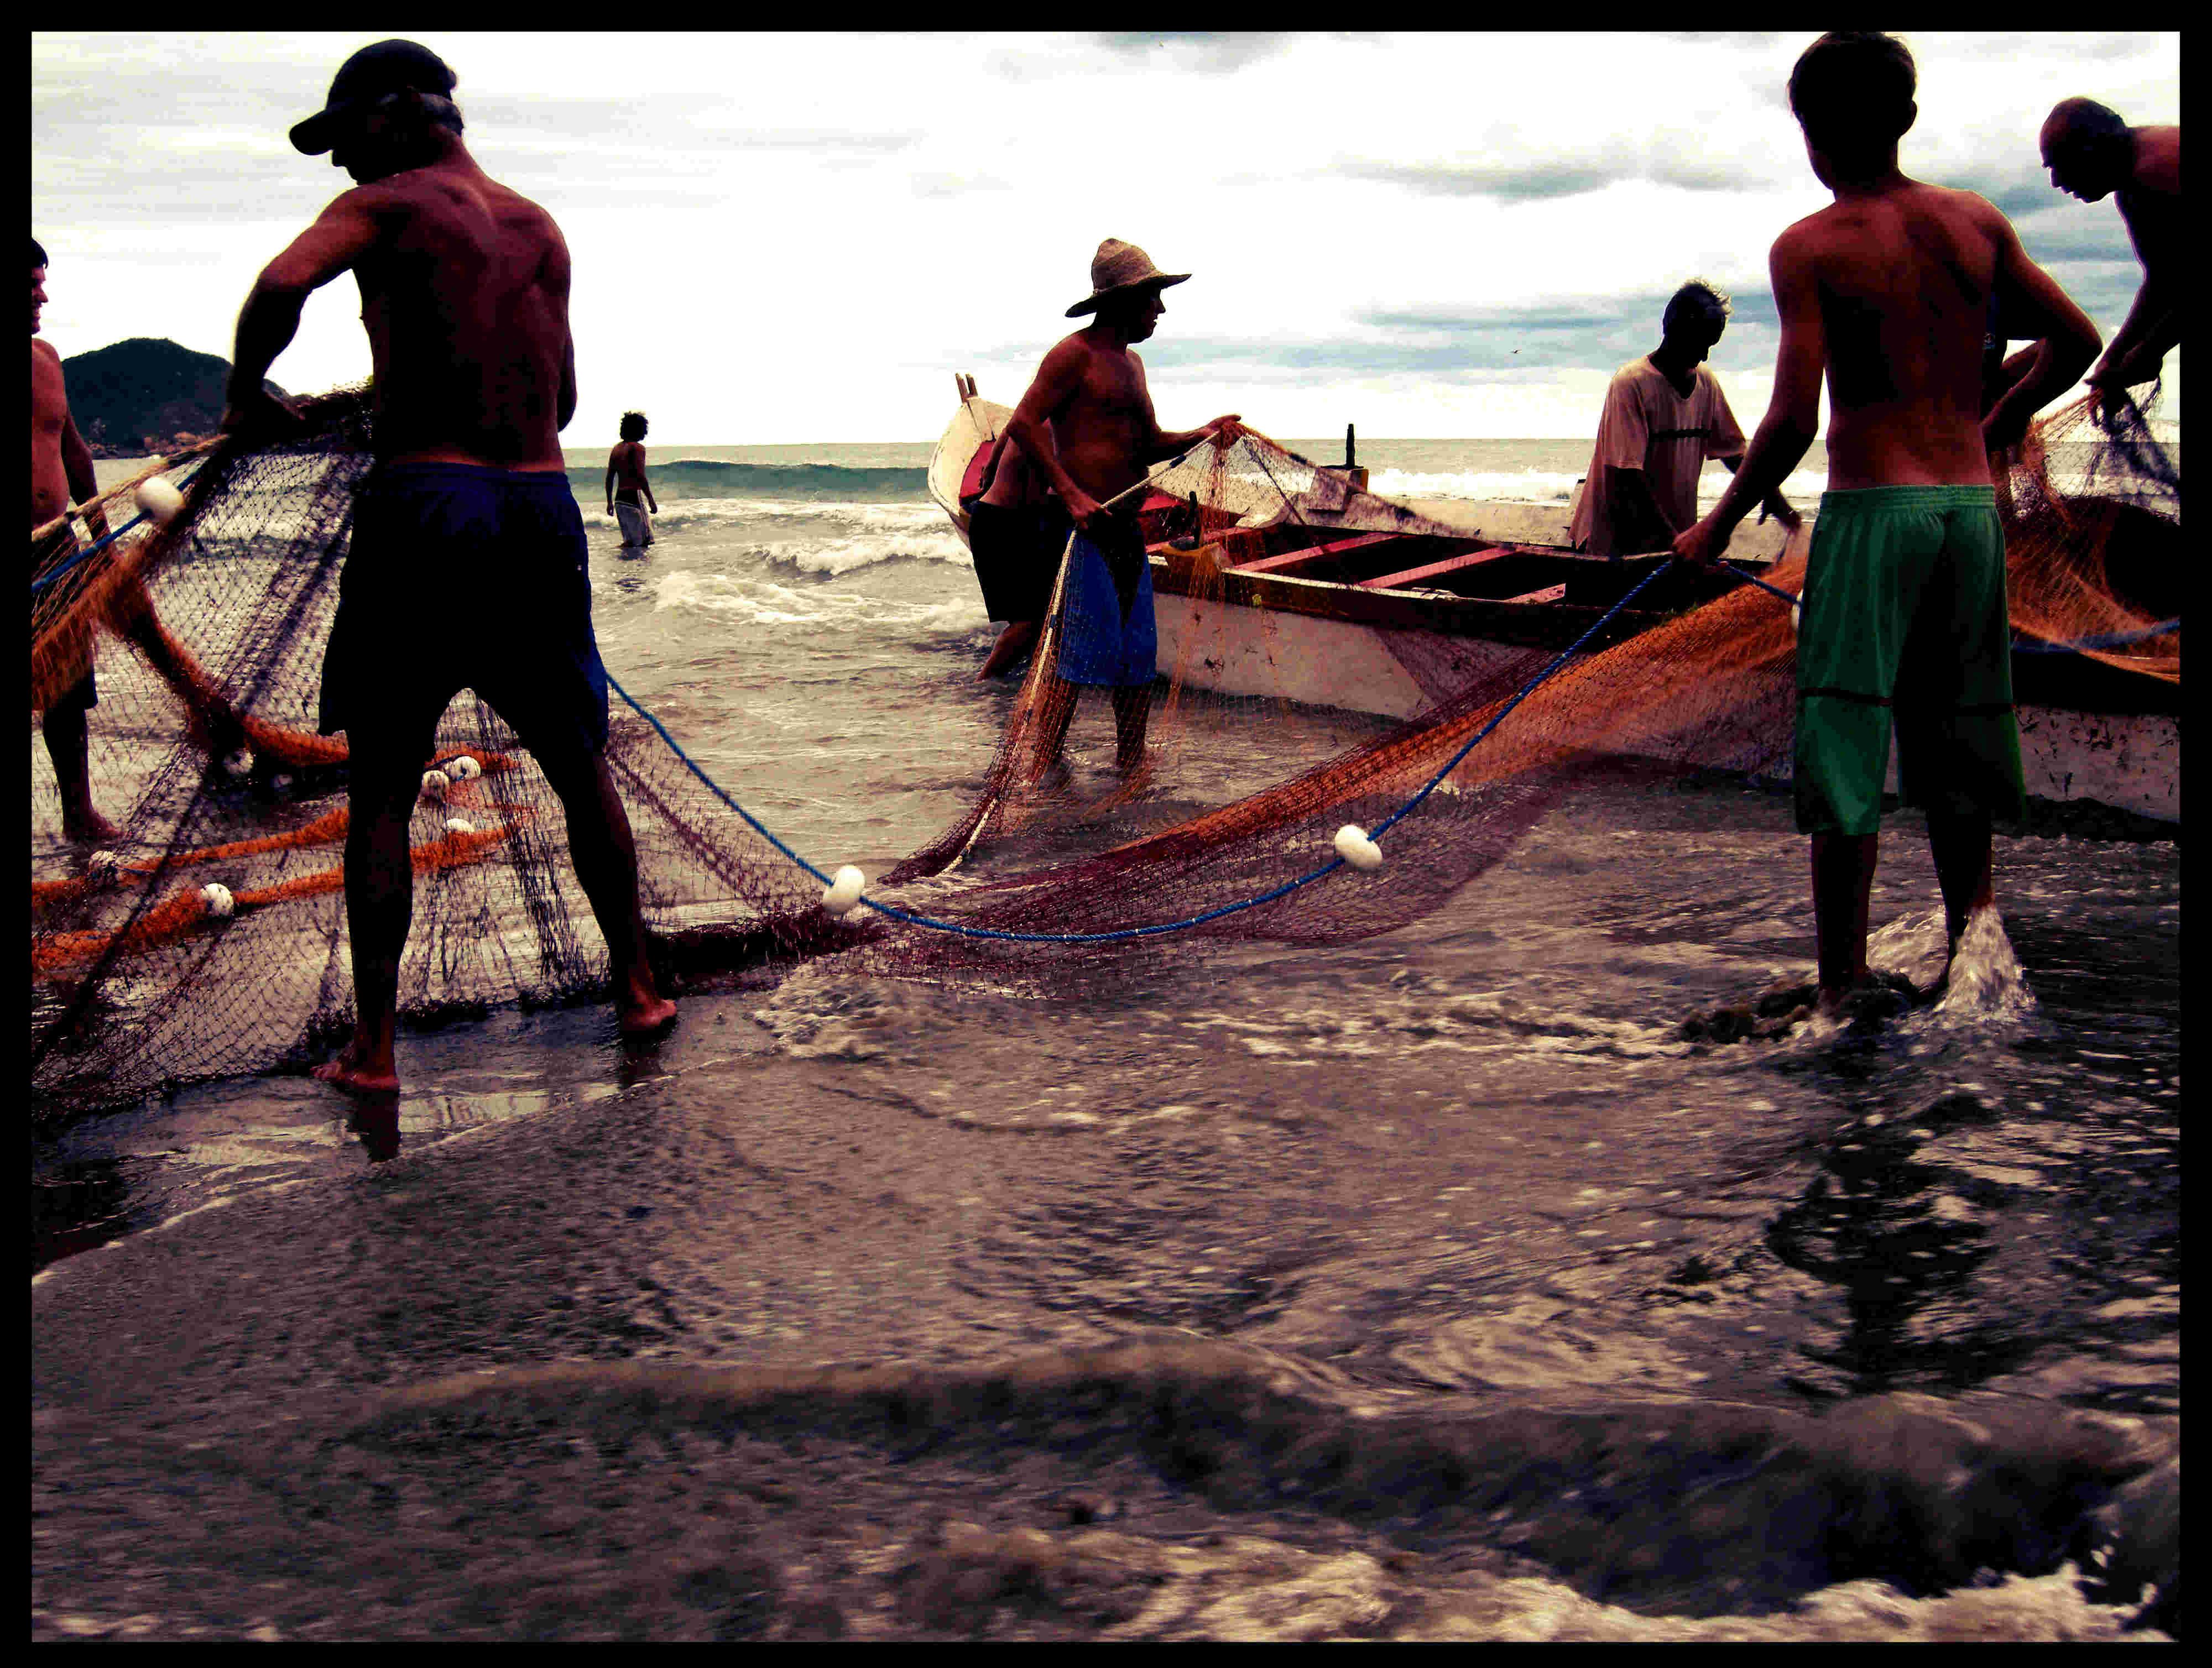 La ruta del mercado: Mercado de Pescadores por Víctor J.Moreno